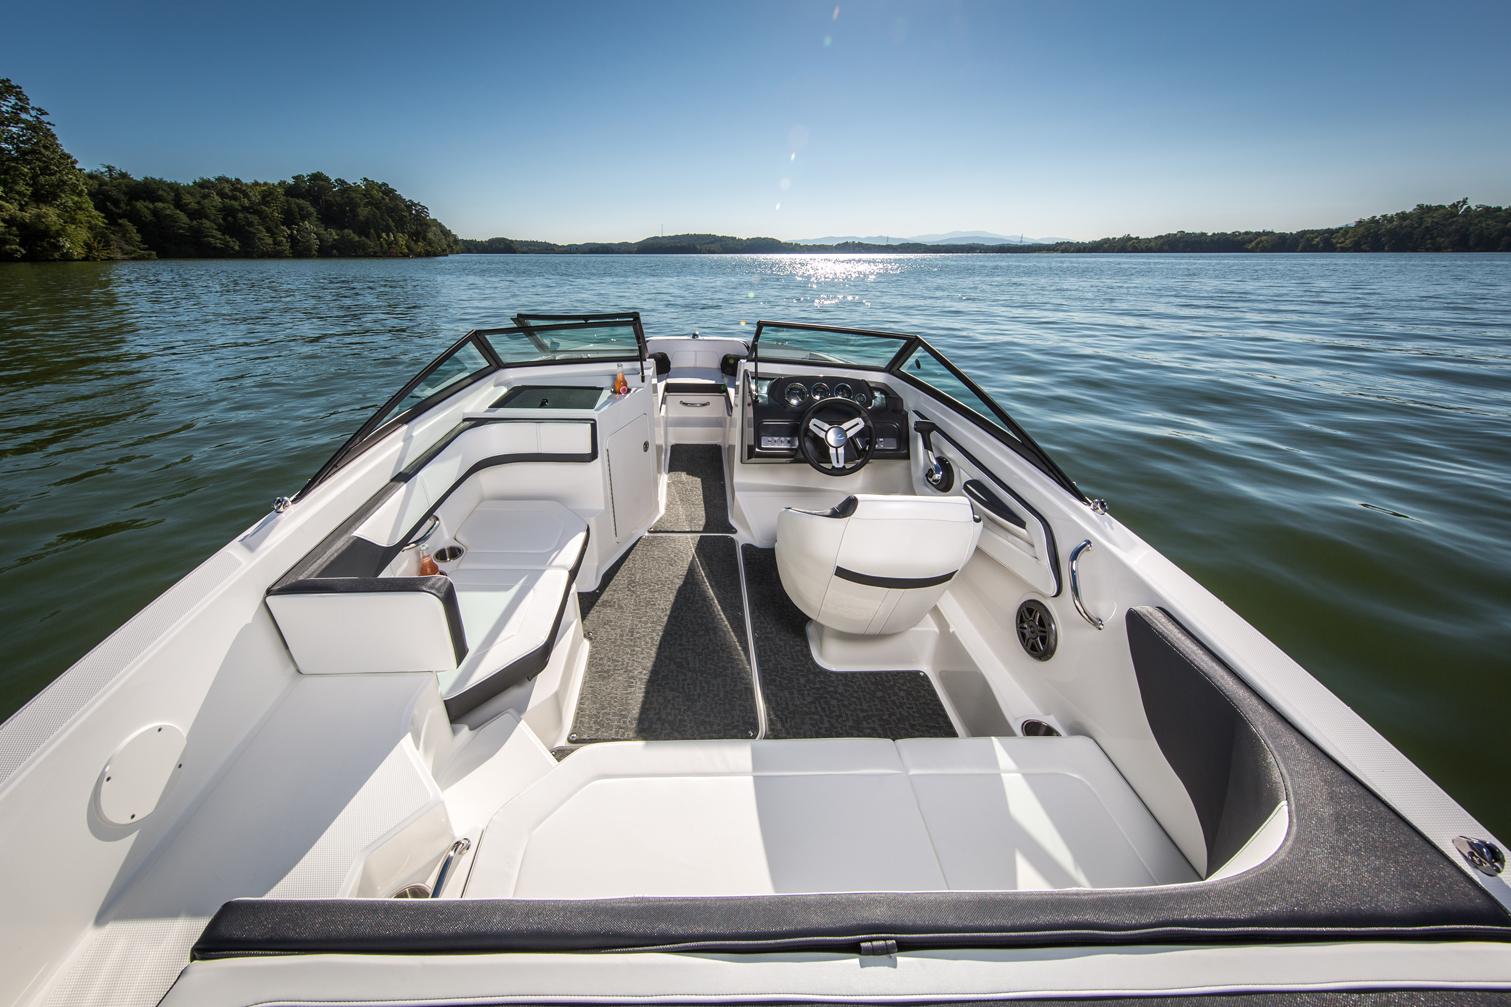 Sea Ray 190 to sell lake Como